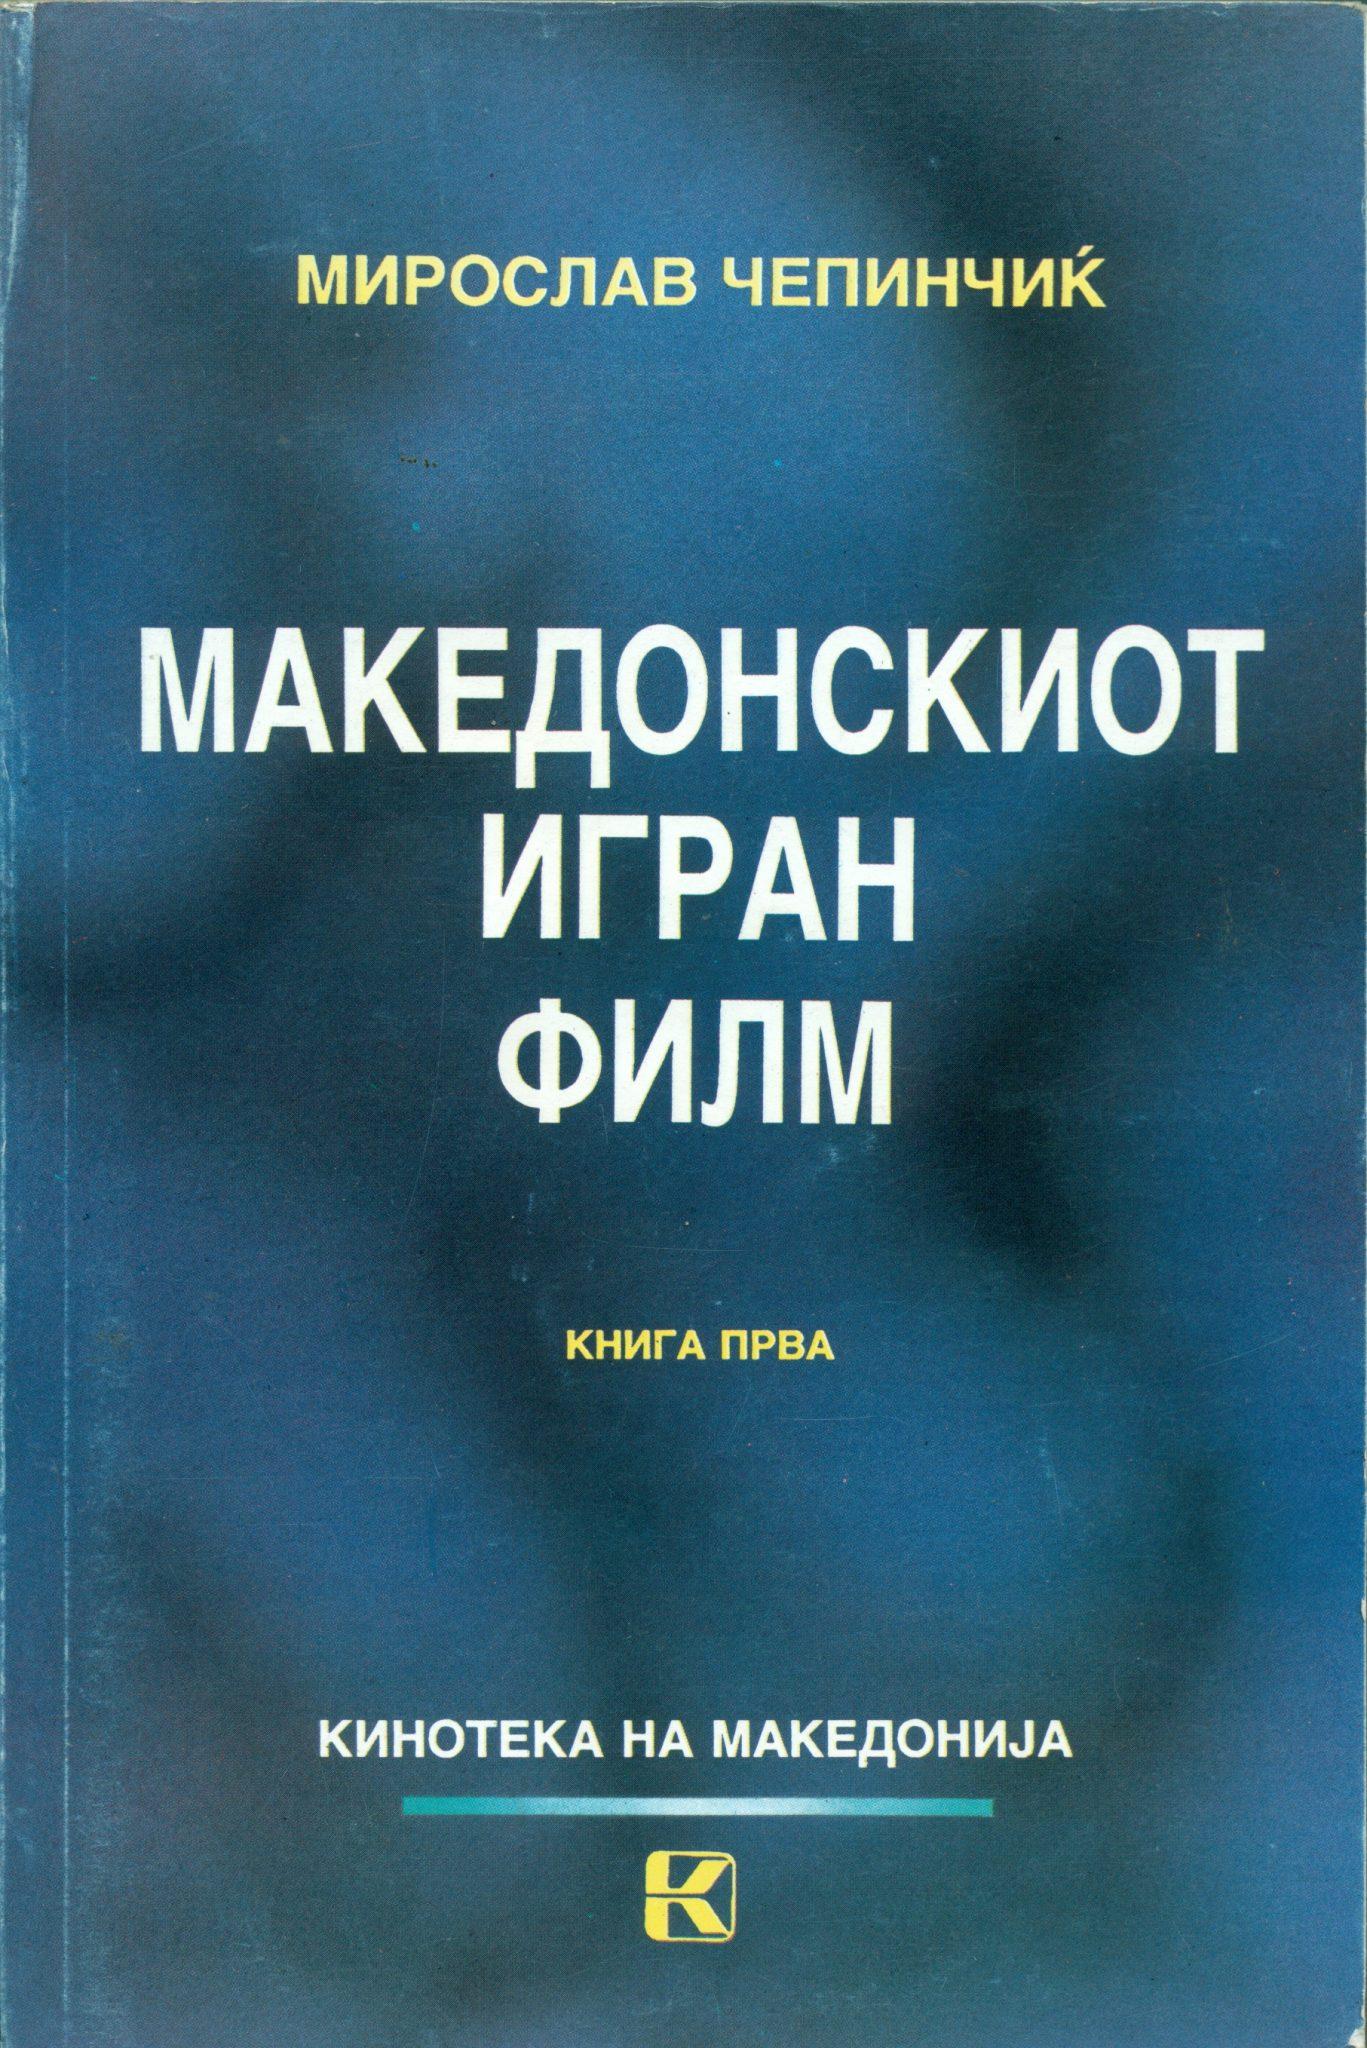 МАКЕДОНСКИОТ ИГРАН ФИЛМ, книга прва – Години на генезата и времето на стилските преобразби